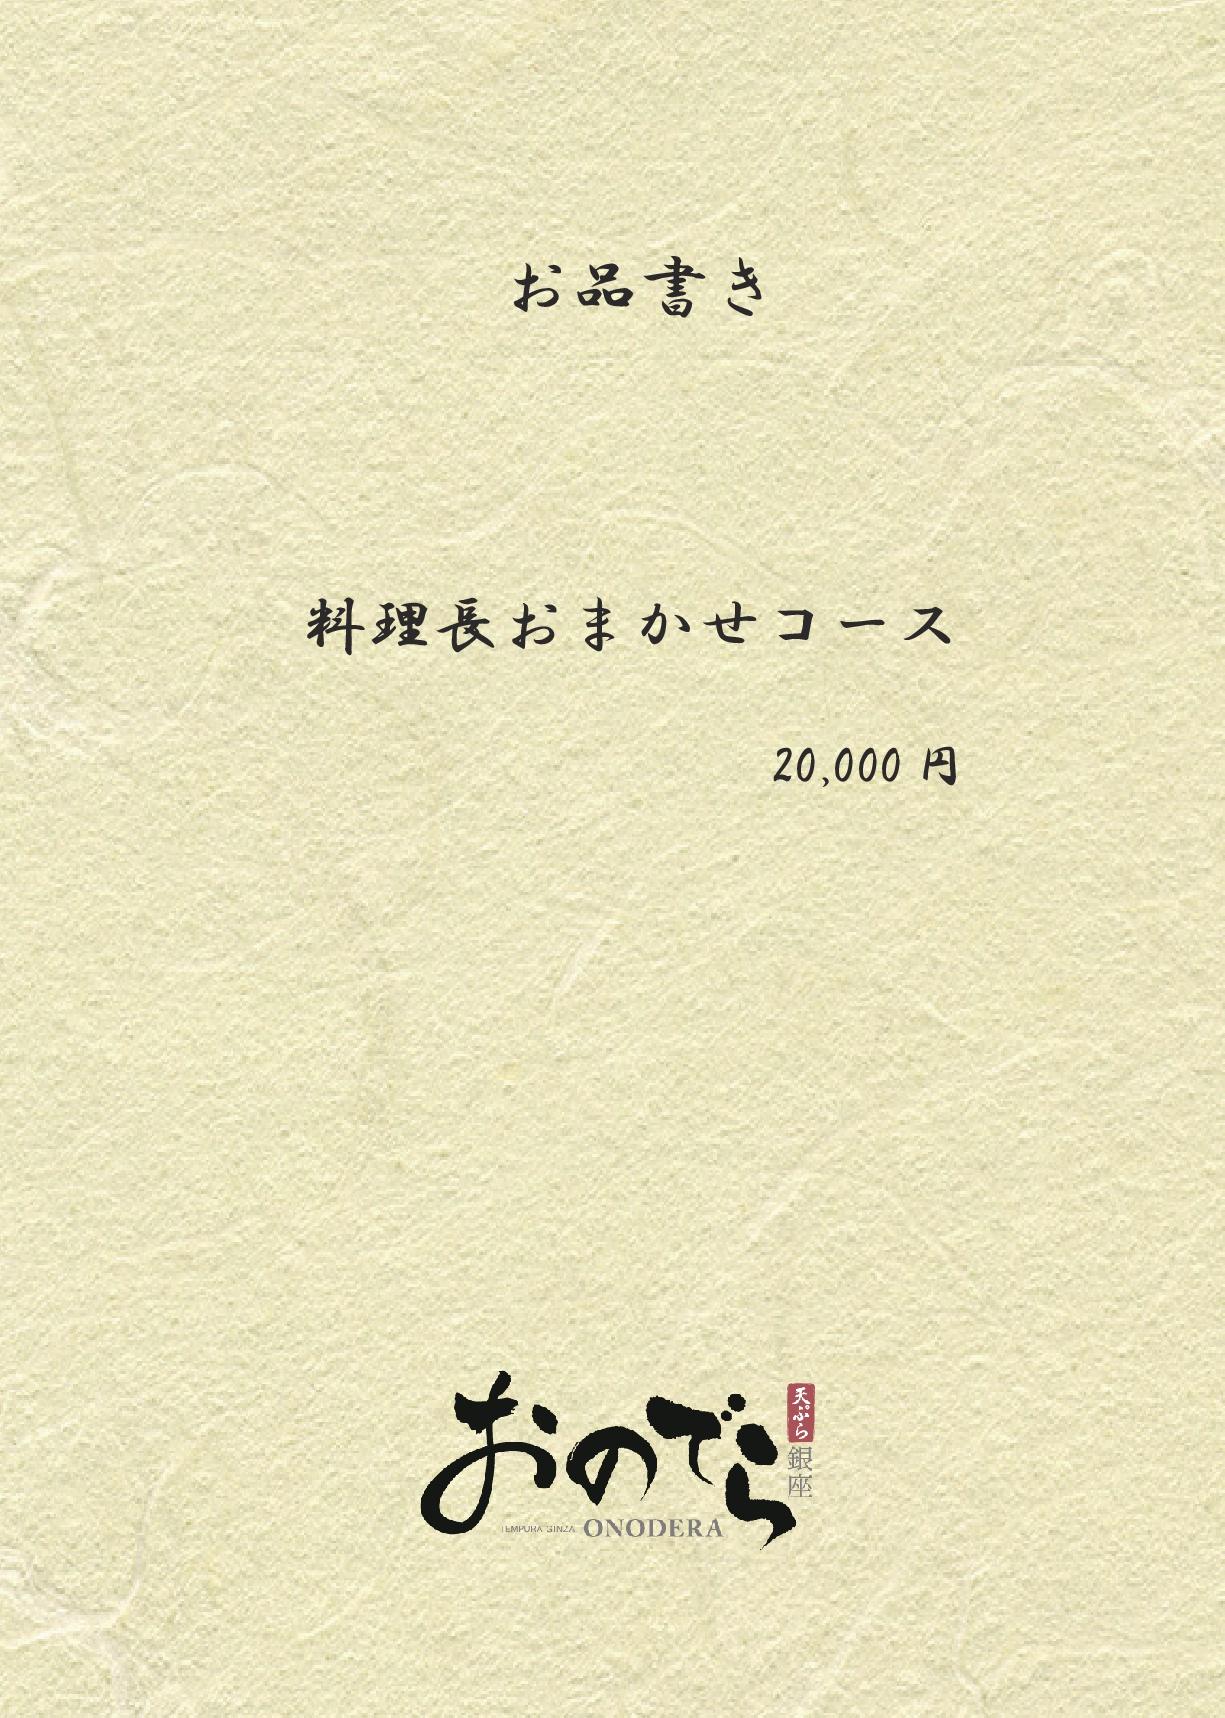 天ぷら [銀座店] ディナーメニュー2